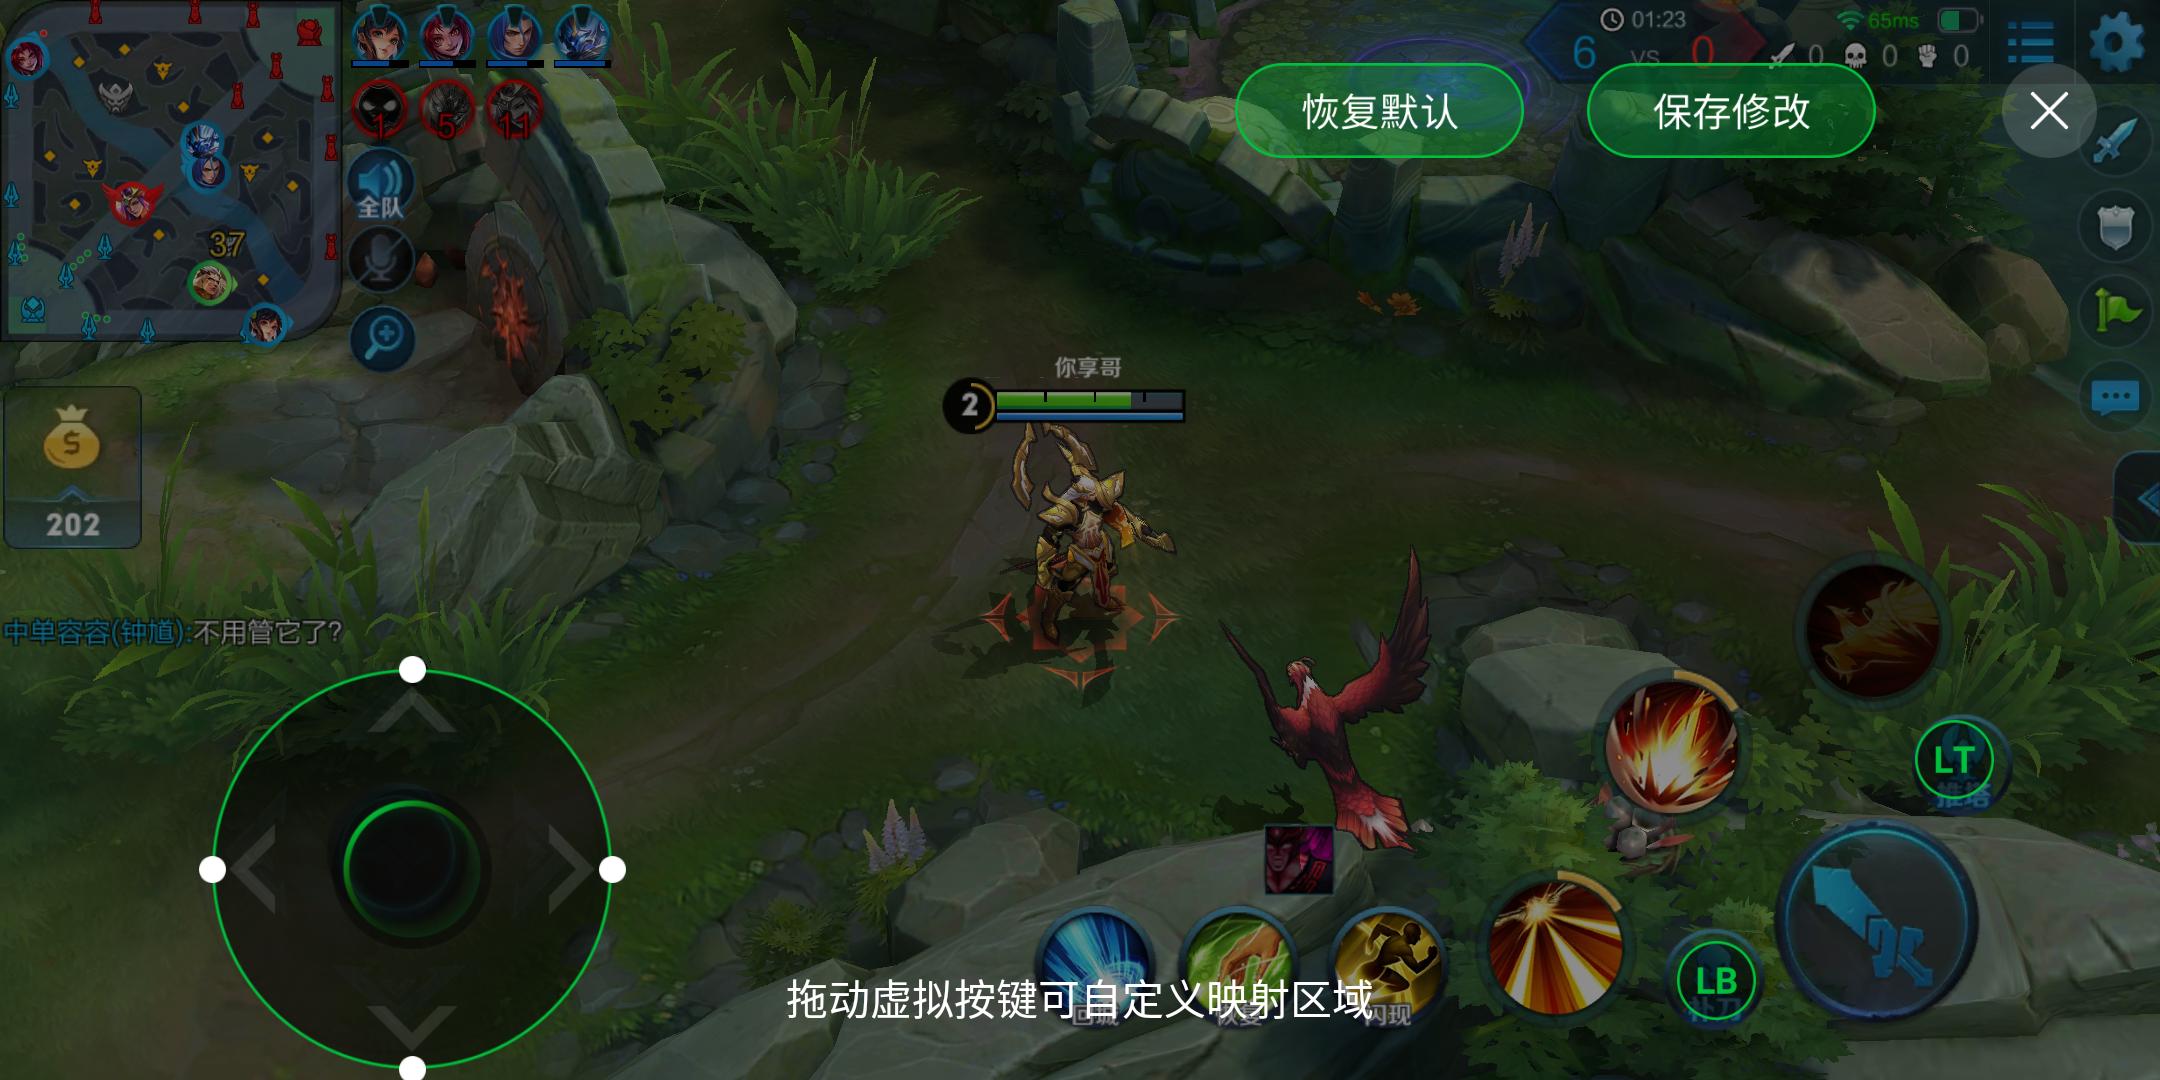 Screenshot_2018-06-05-14-38-29-659_com.tencent.tmgp.sgame.png